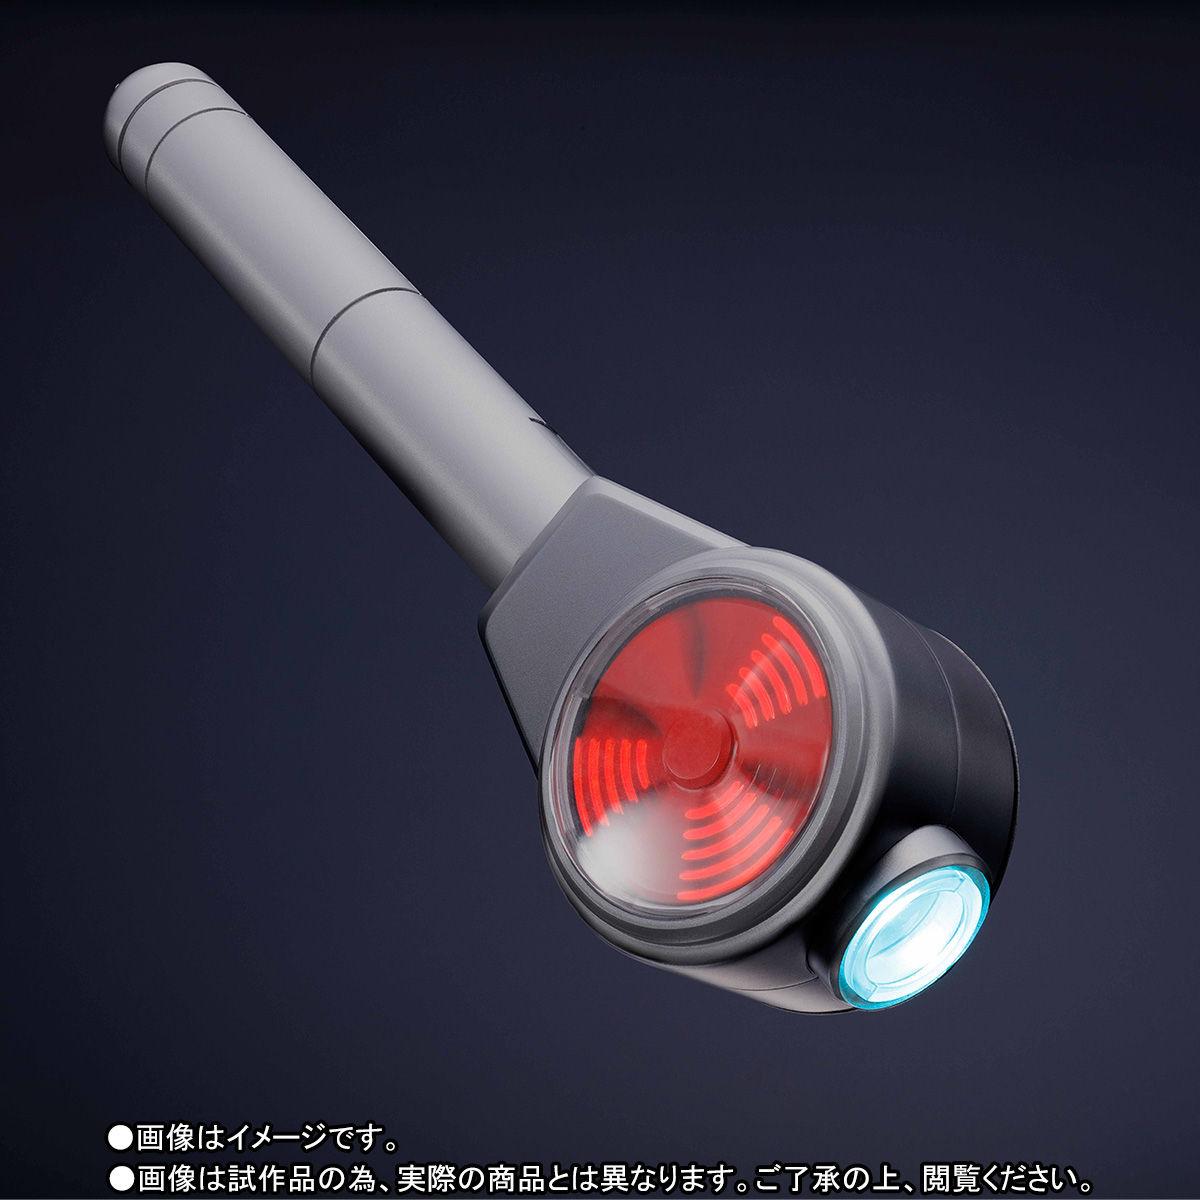 TAMASHII Lab 仮面ライダーBLACK RX『リボルケイン』-002